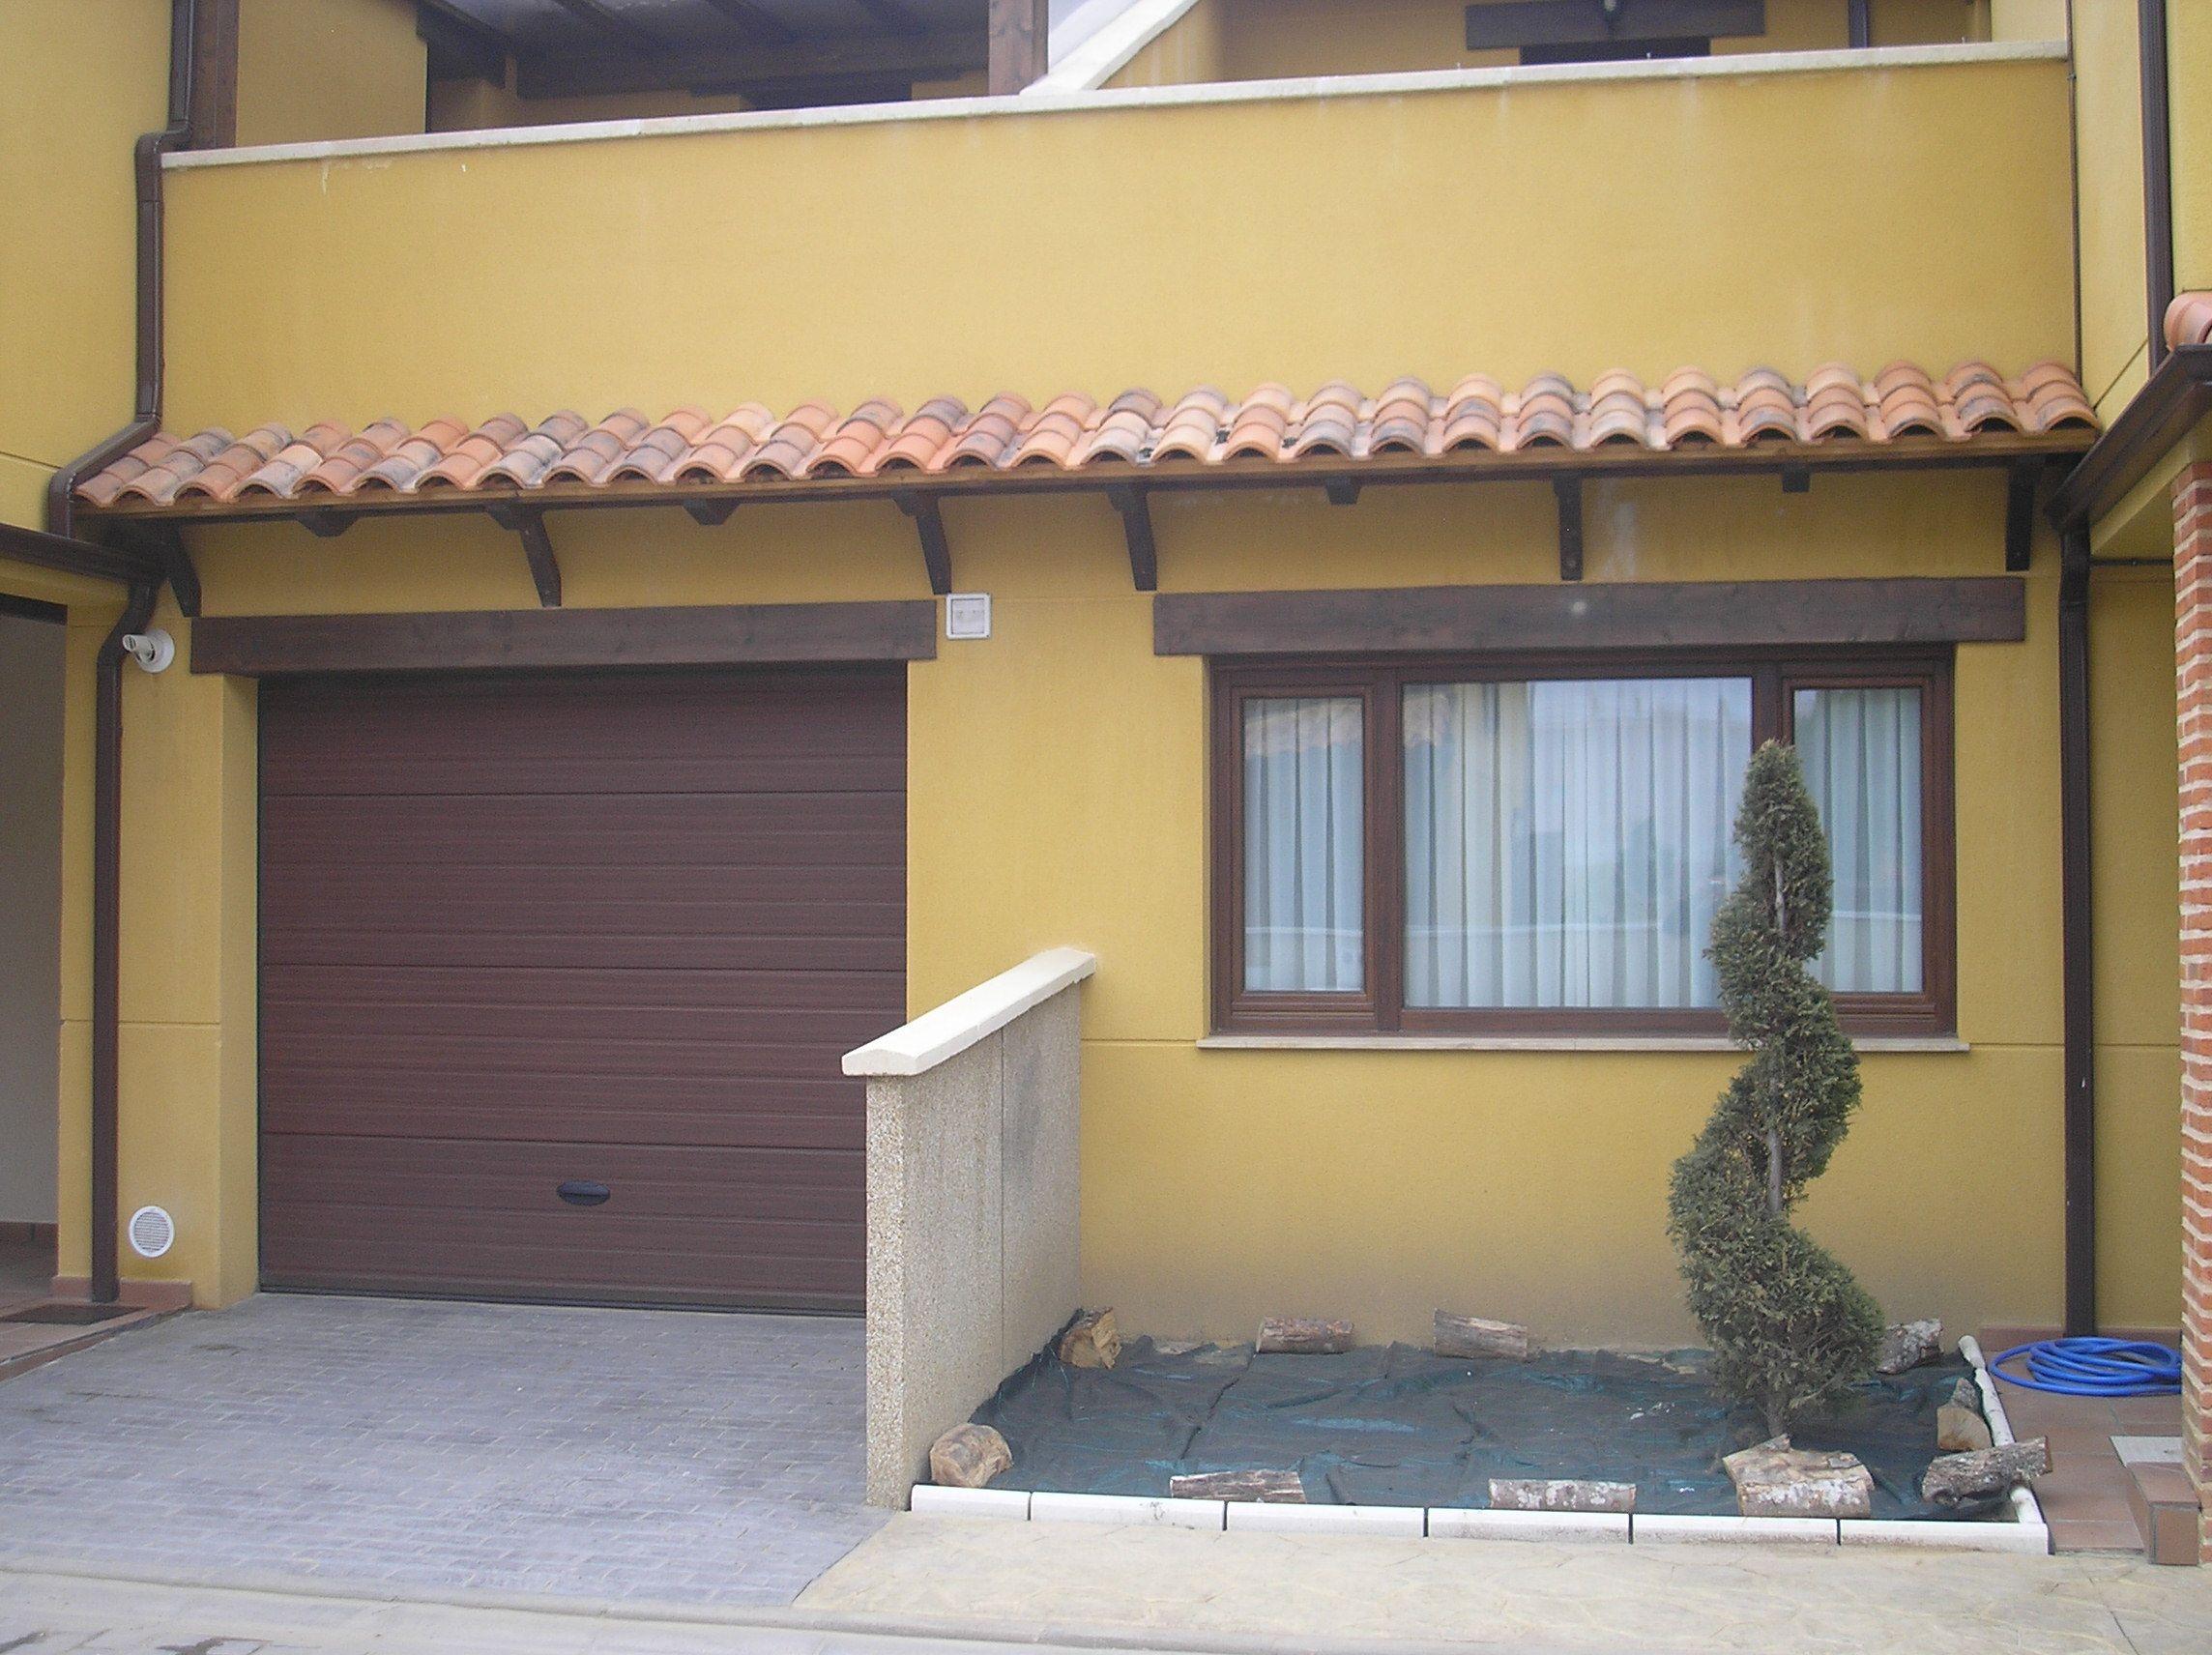 Los aleros o tejadillos protegen las puertas y ventanas de - Puertas de terraza ...